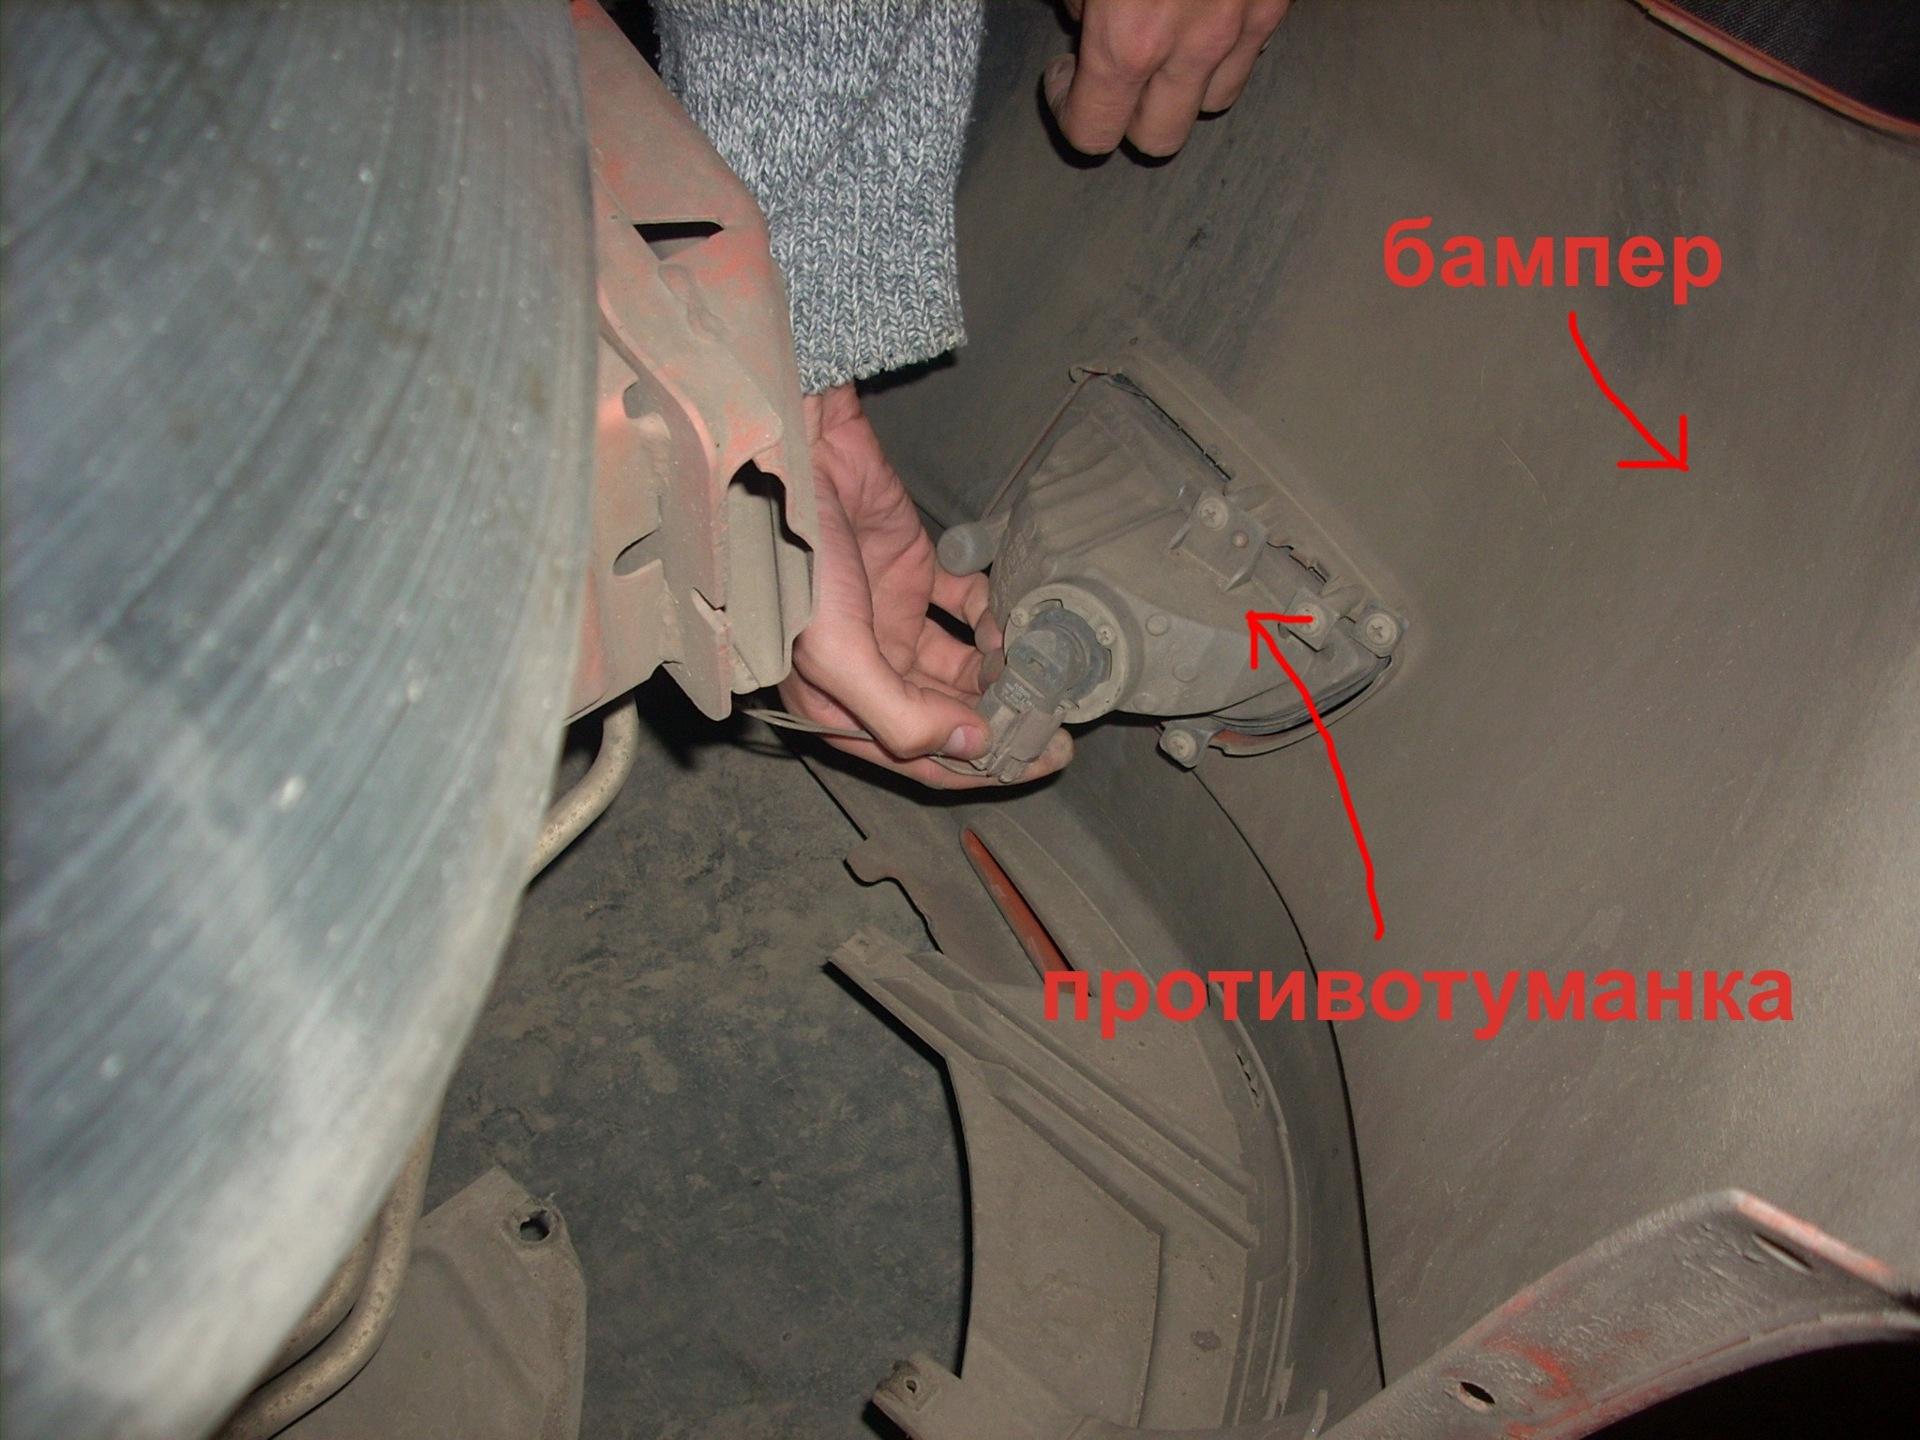 Как снять передний бампер на мазде 6